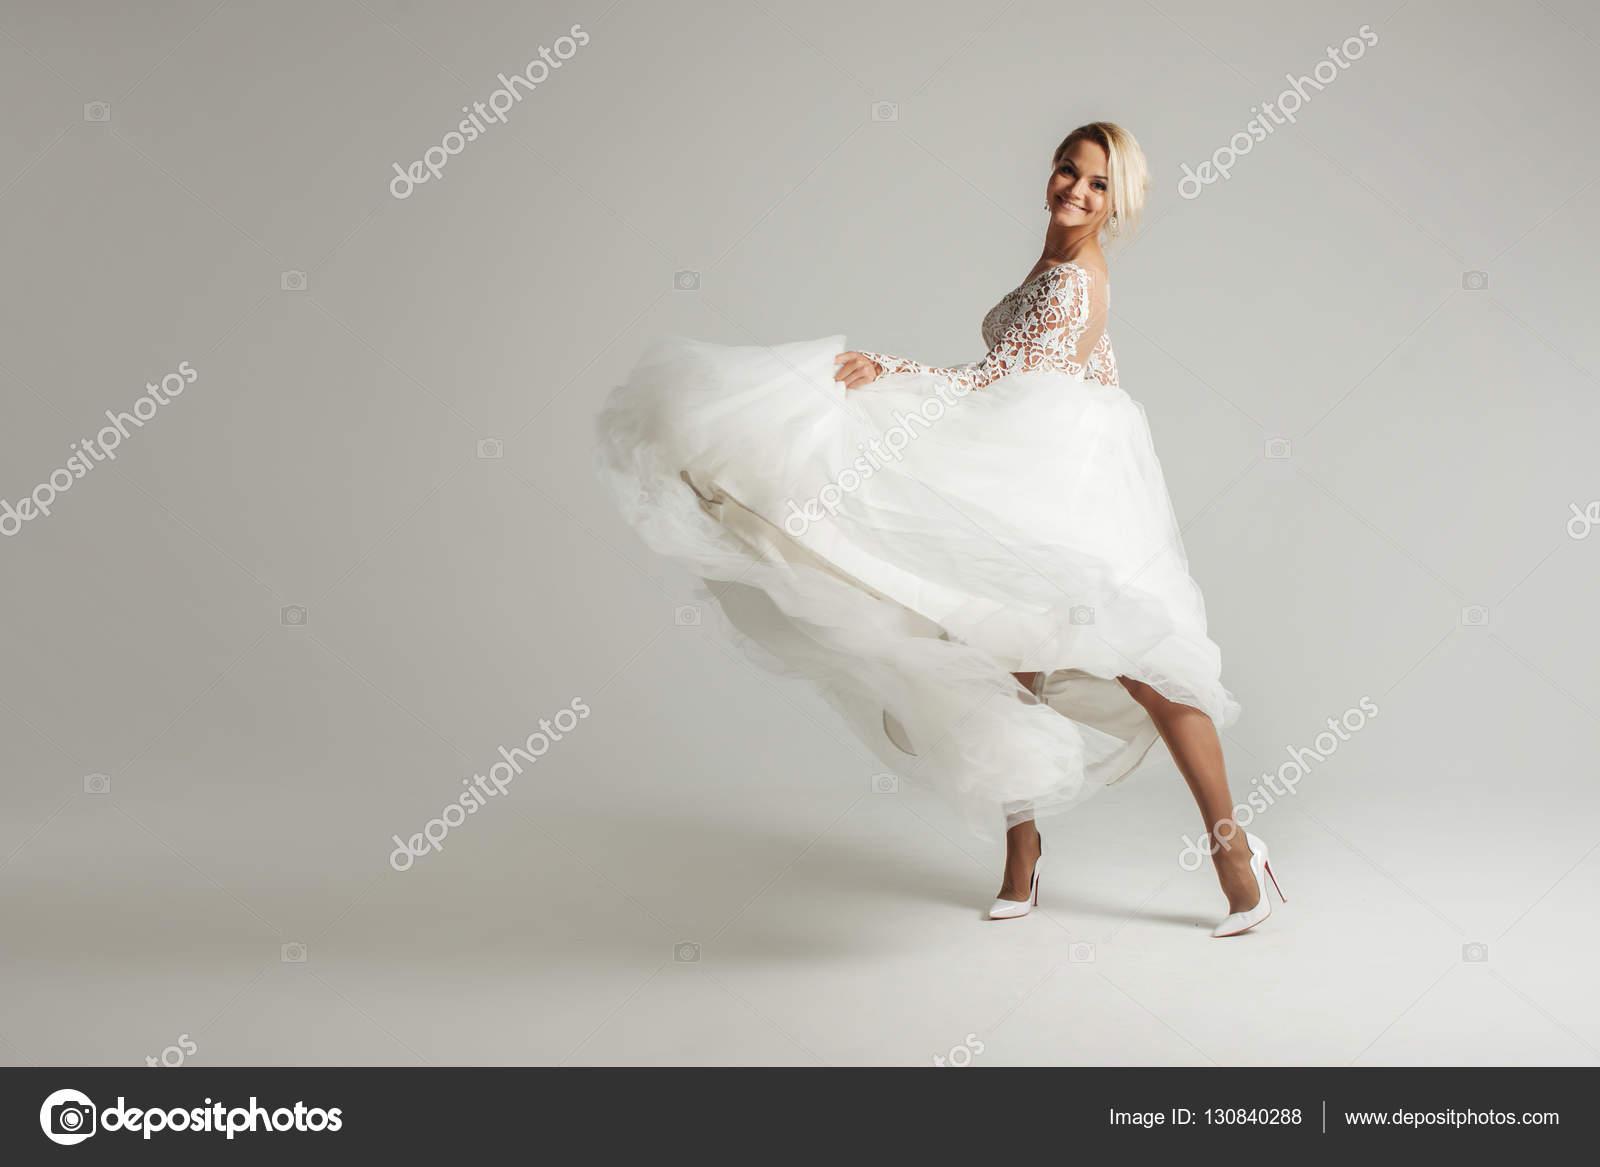 3d51fda12d52 Vackra attraktiv brud i brudklänning med lång hel kjol, vit bakgrund,  dansar och ler